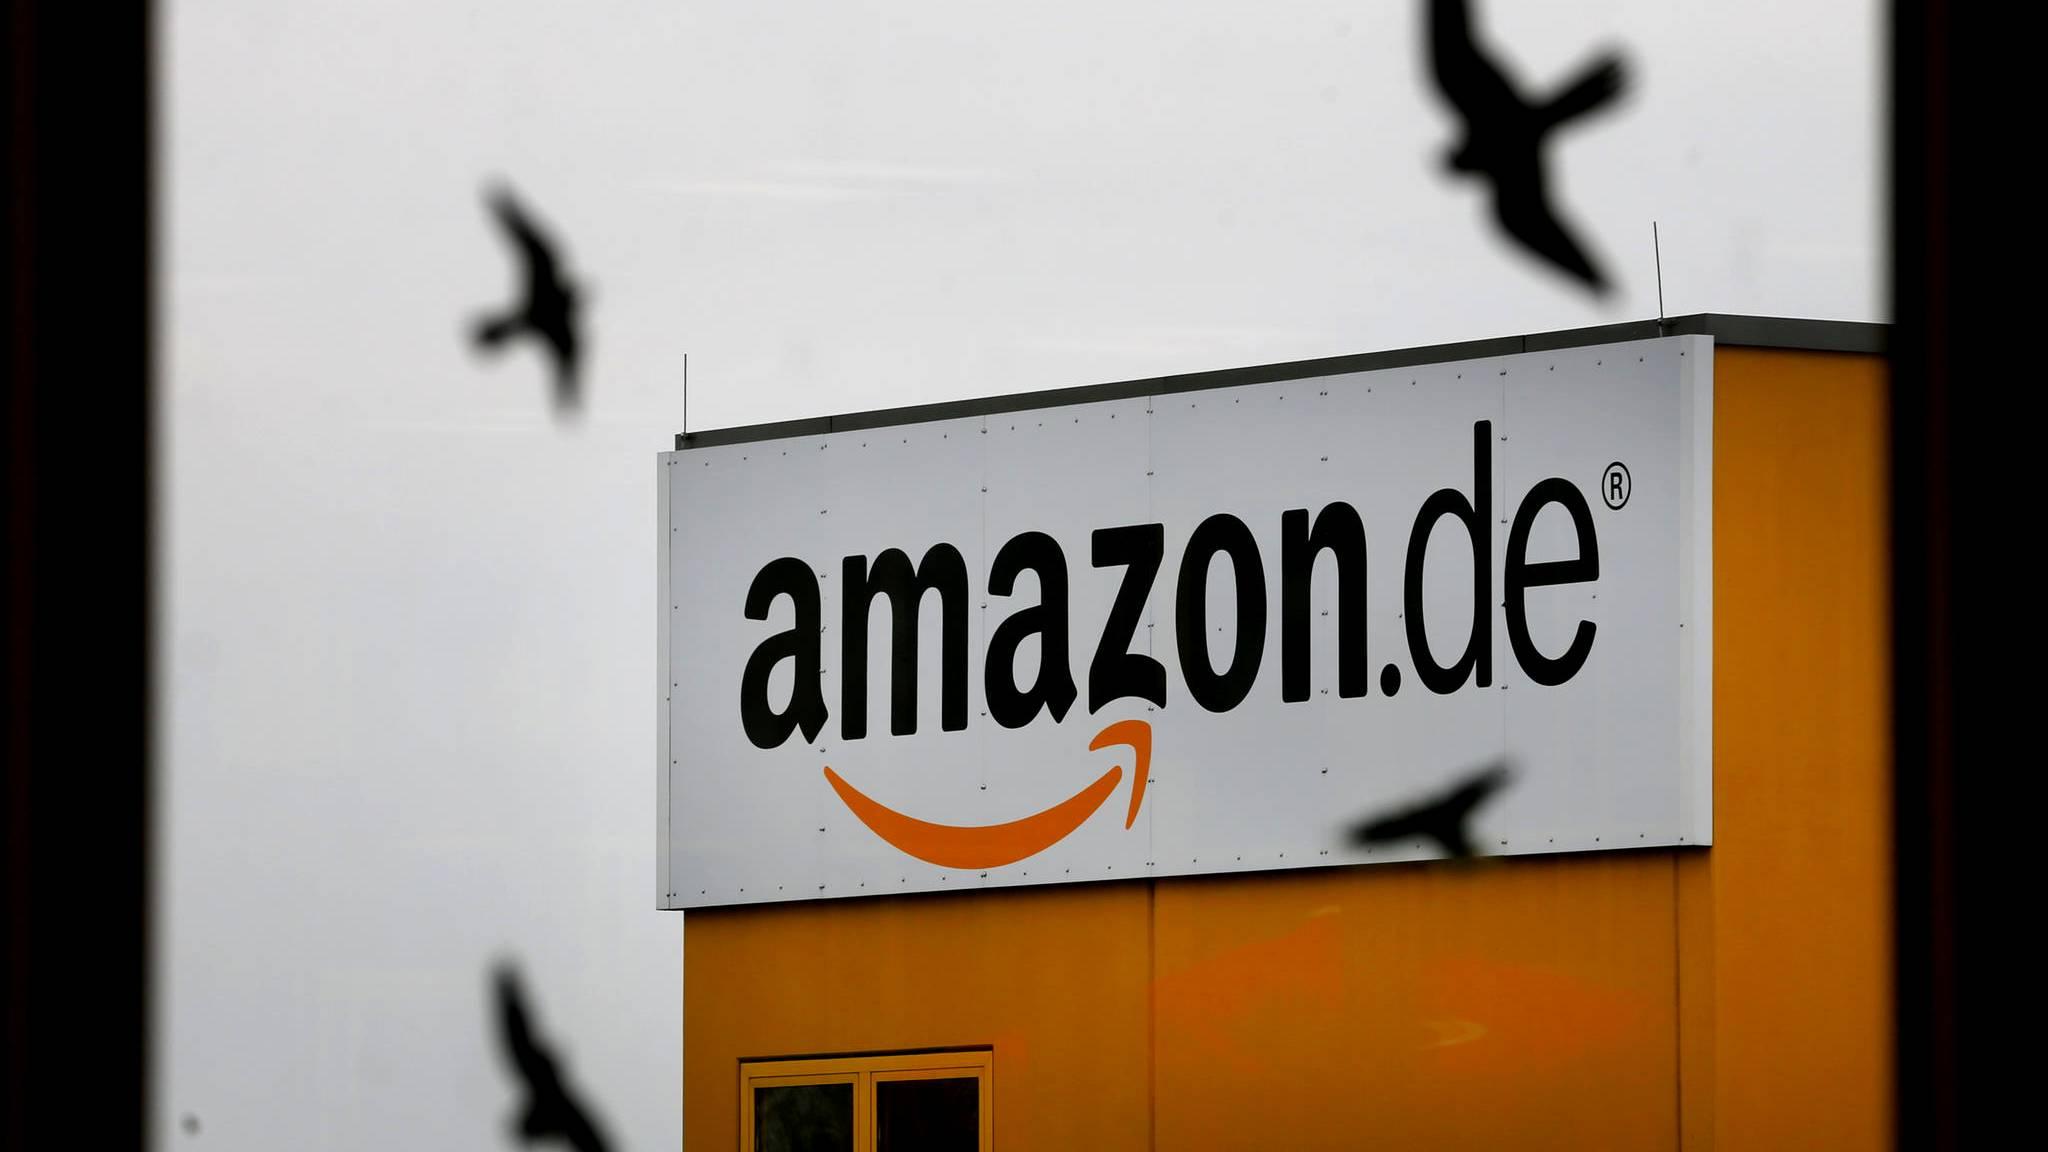 Amazon am Pranger: Gefährliche Produkte und Plagiate beim